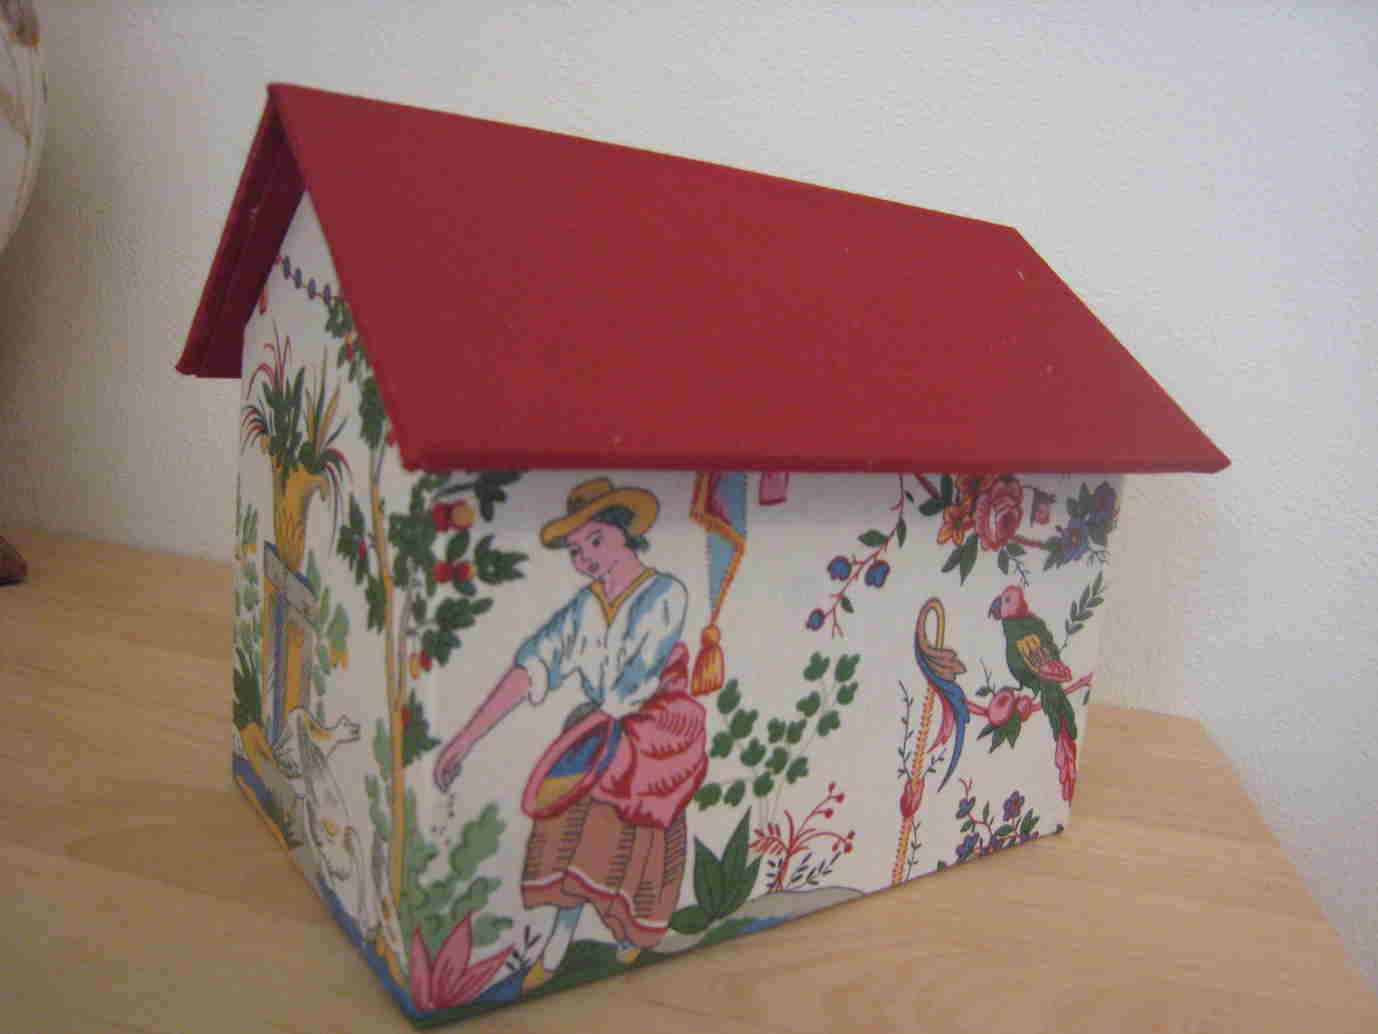 ハウス型 ブック型の箱_f0199750_1974780.jpg